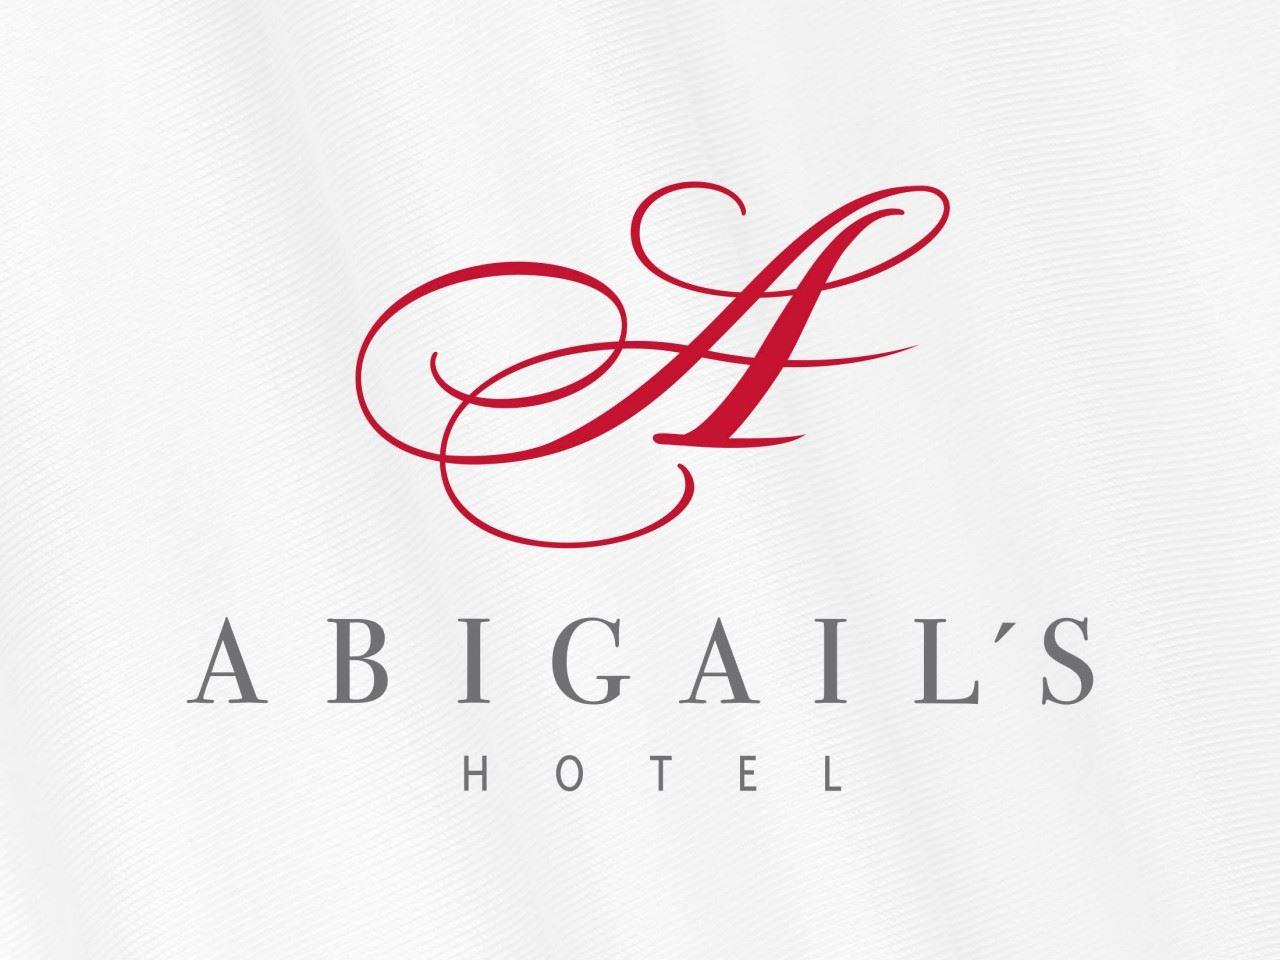 ABIGAIL'S HOTEL - VICTORIA, BRITISH COLUMBIA    READ MORE